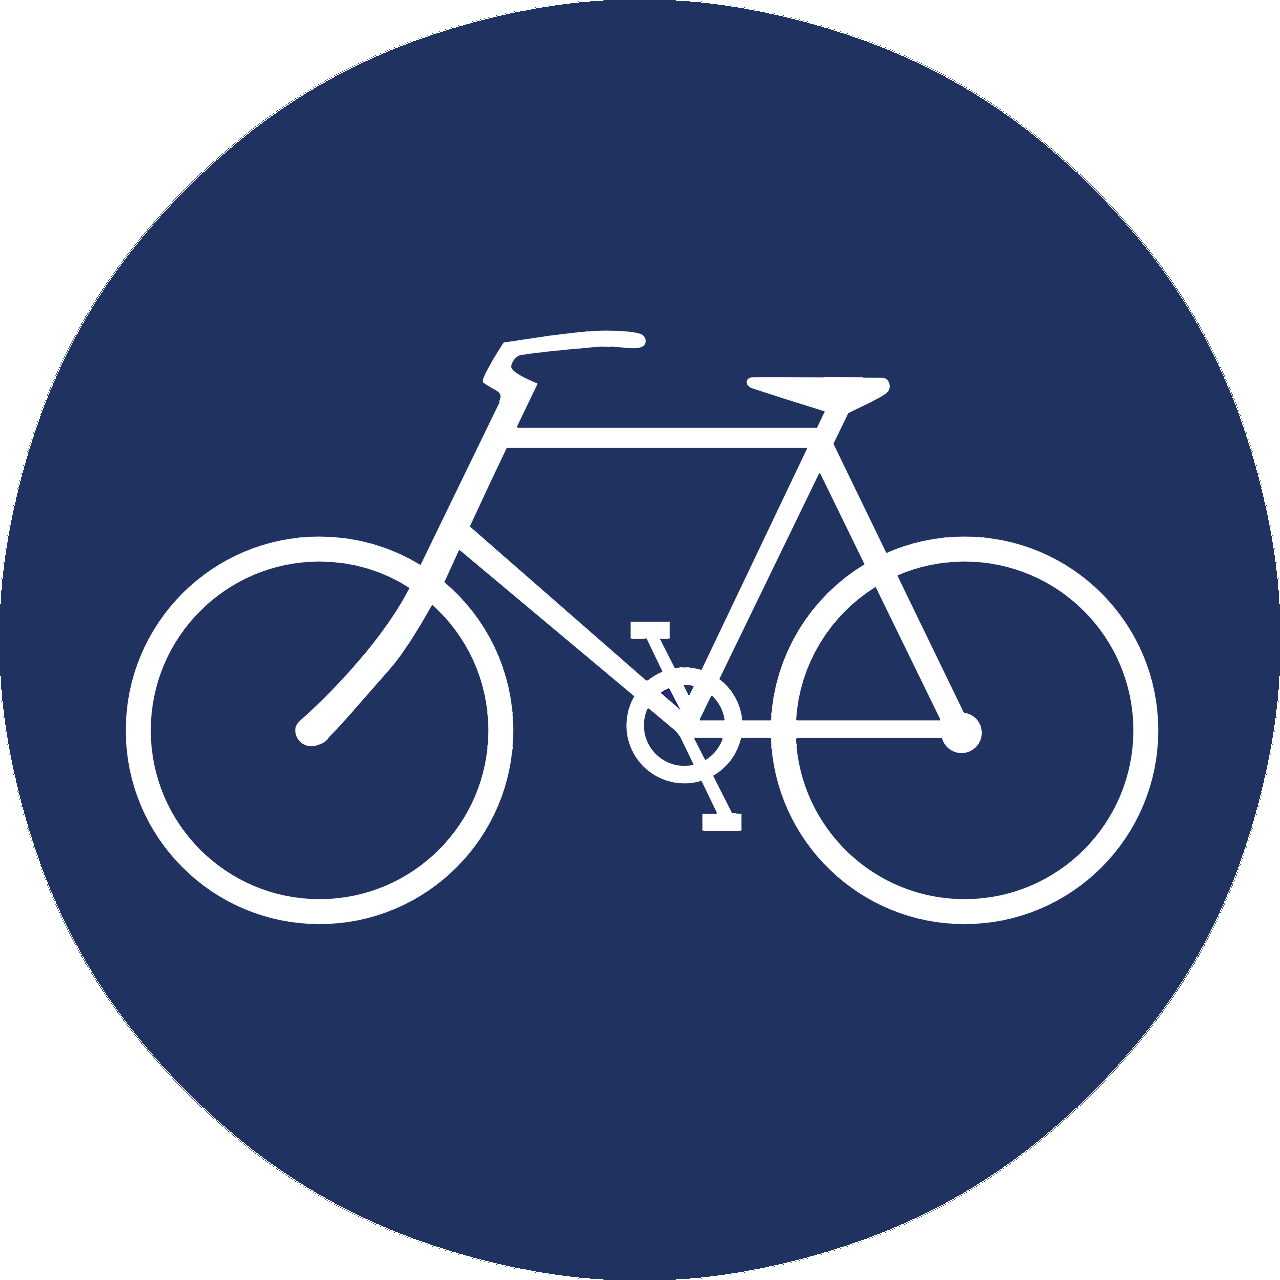 общении дорожный знак велосипедная дорожка картинка на белом фоне правильном освещении, ракурсе